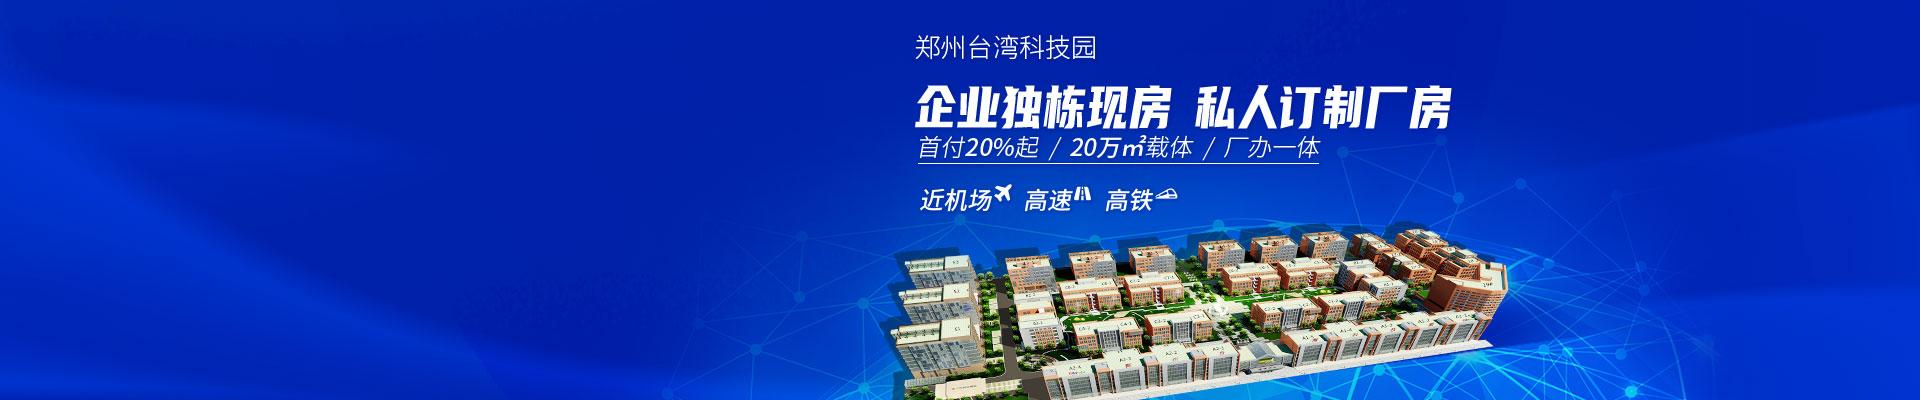 郑州台湾科技园